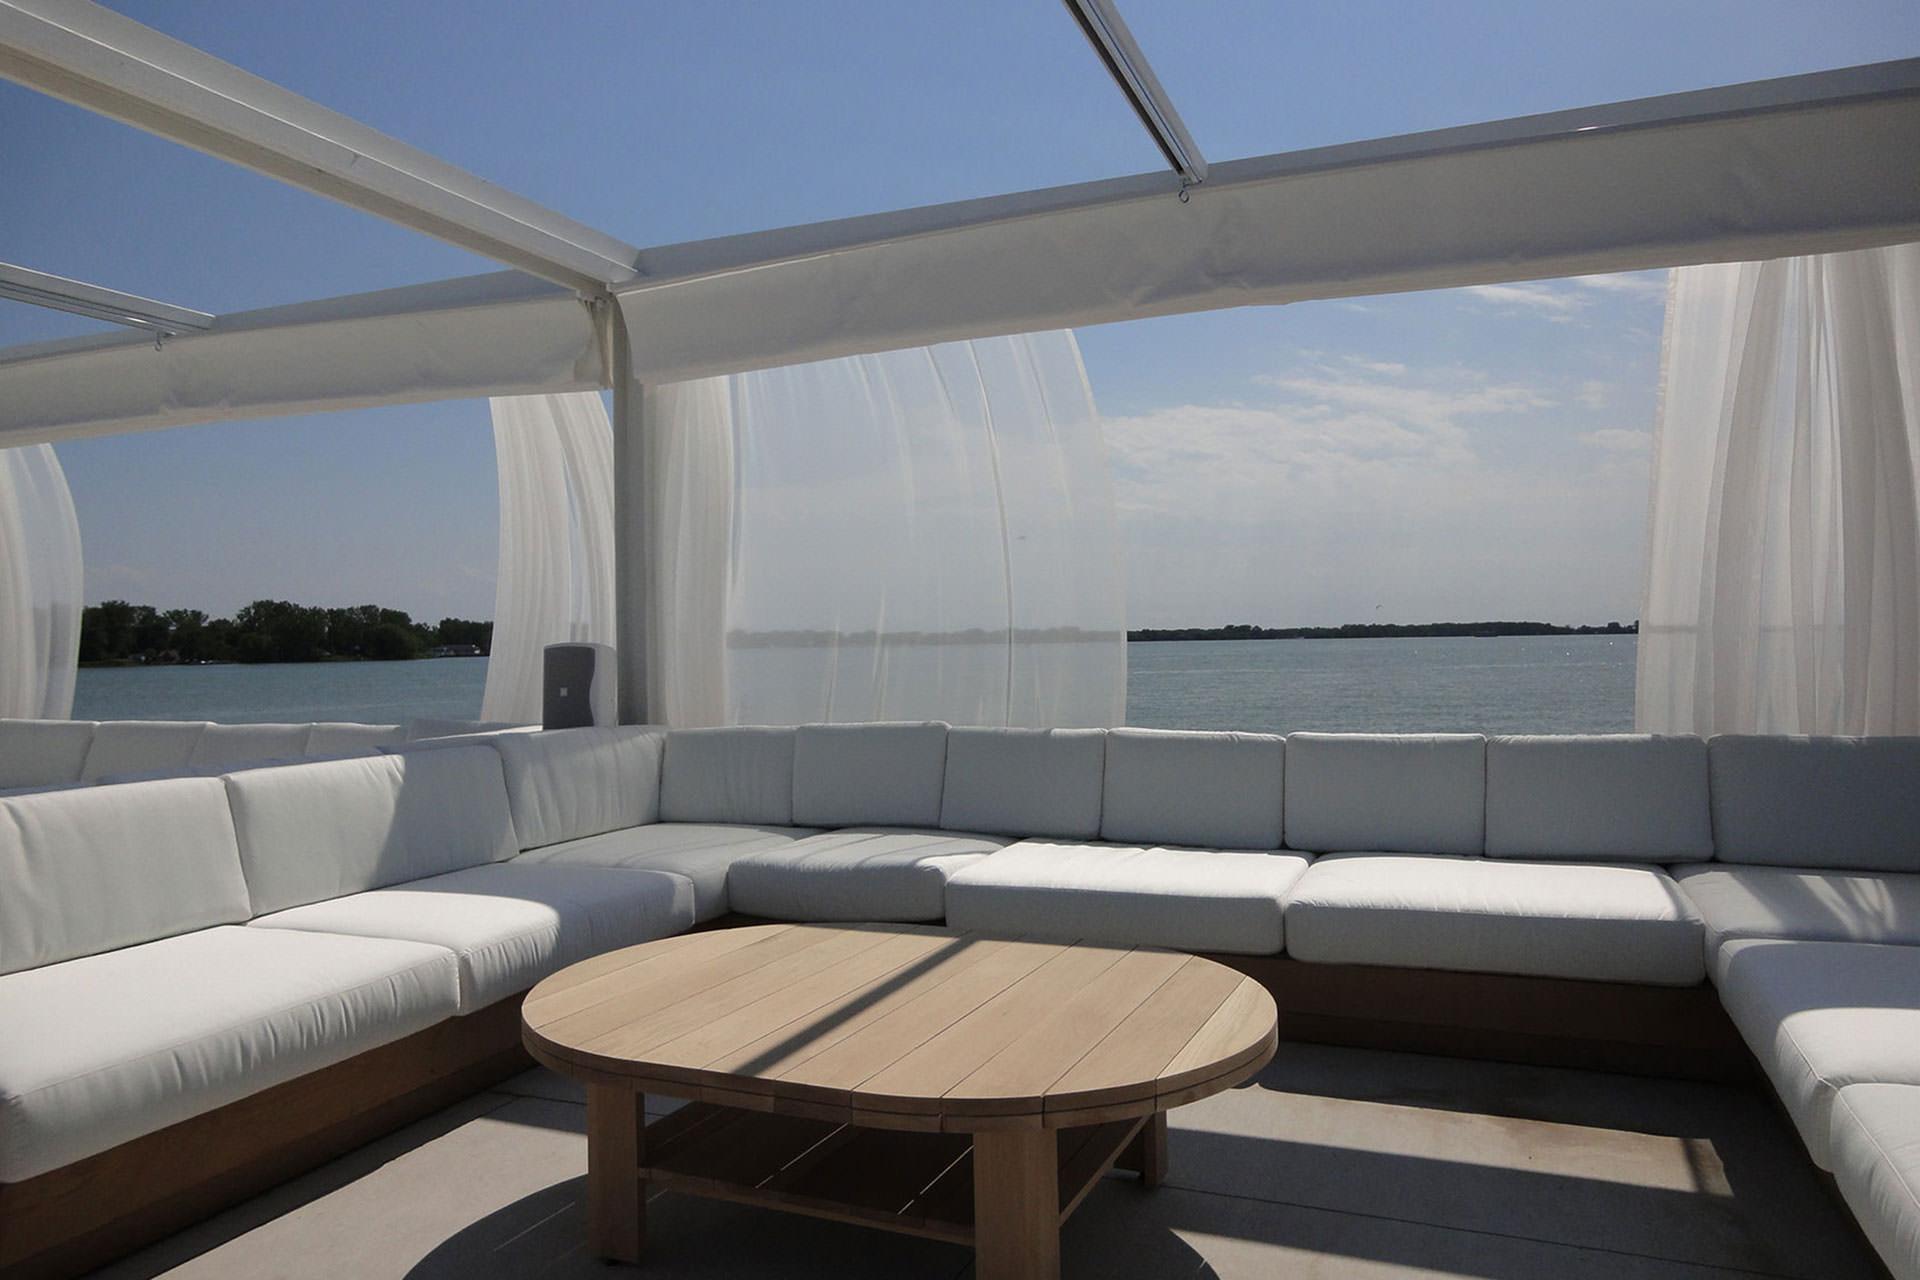 & Retractable Canopies at Cabana Pool Bar | ShadeFX Canopies